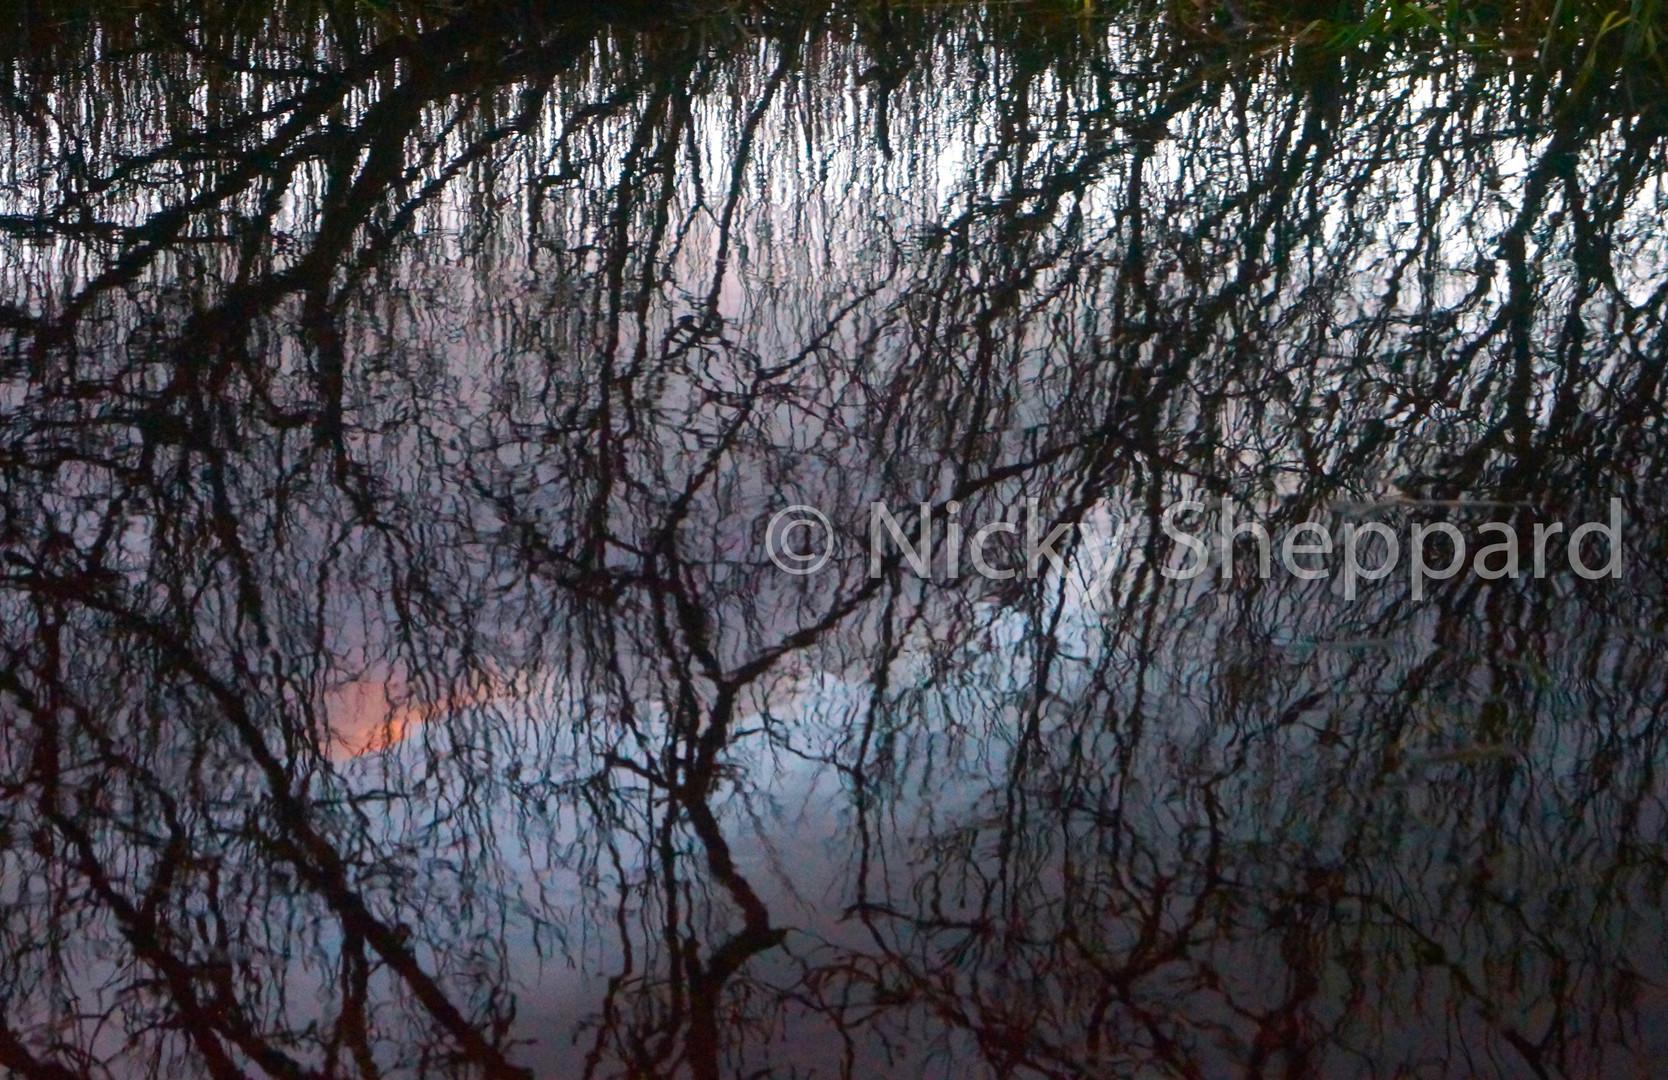 Slapton Ley reflection